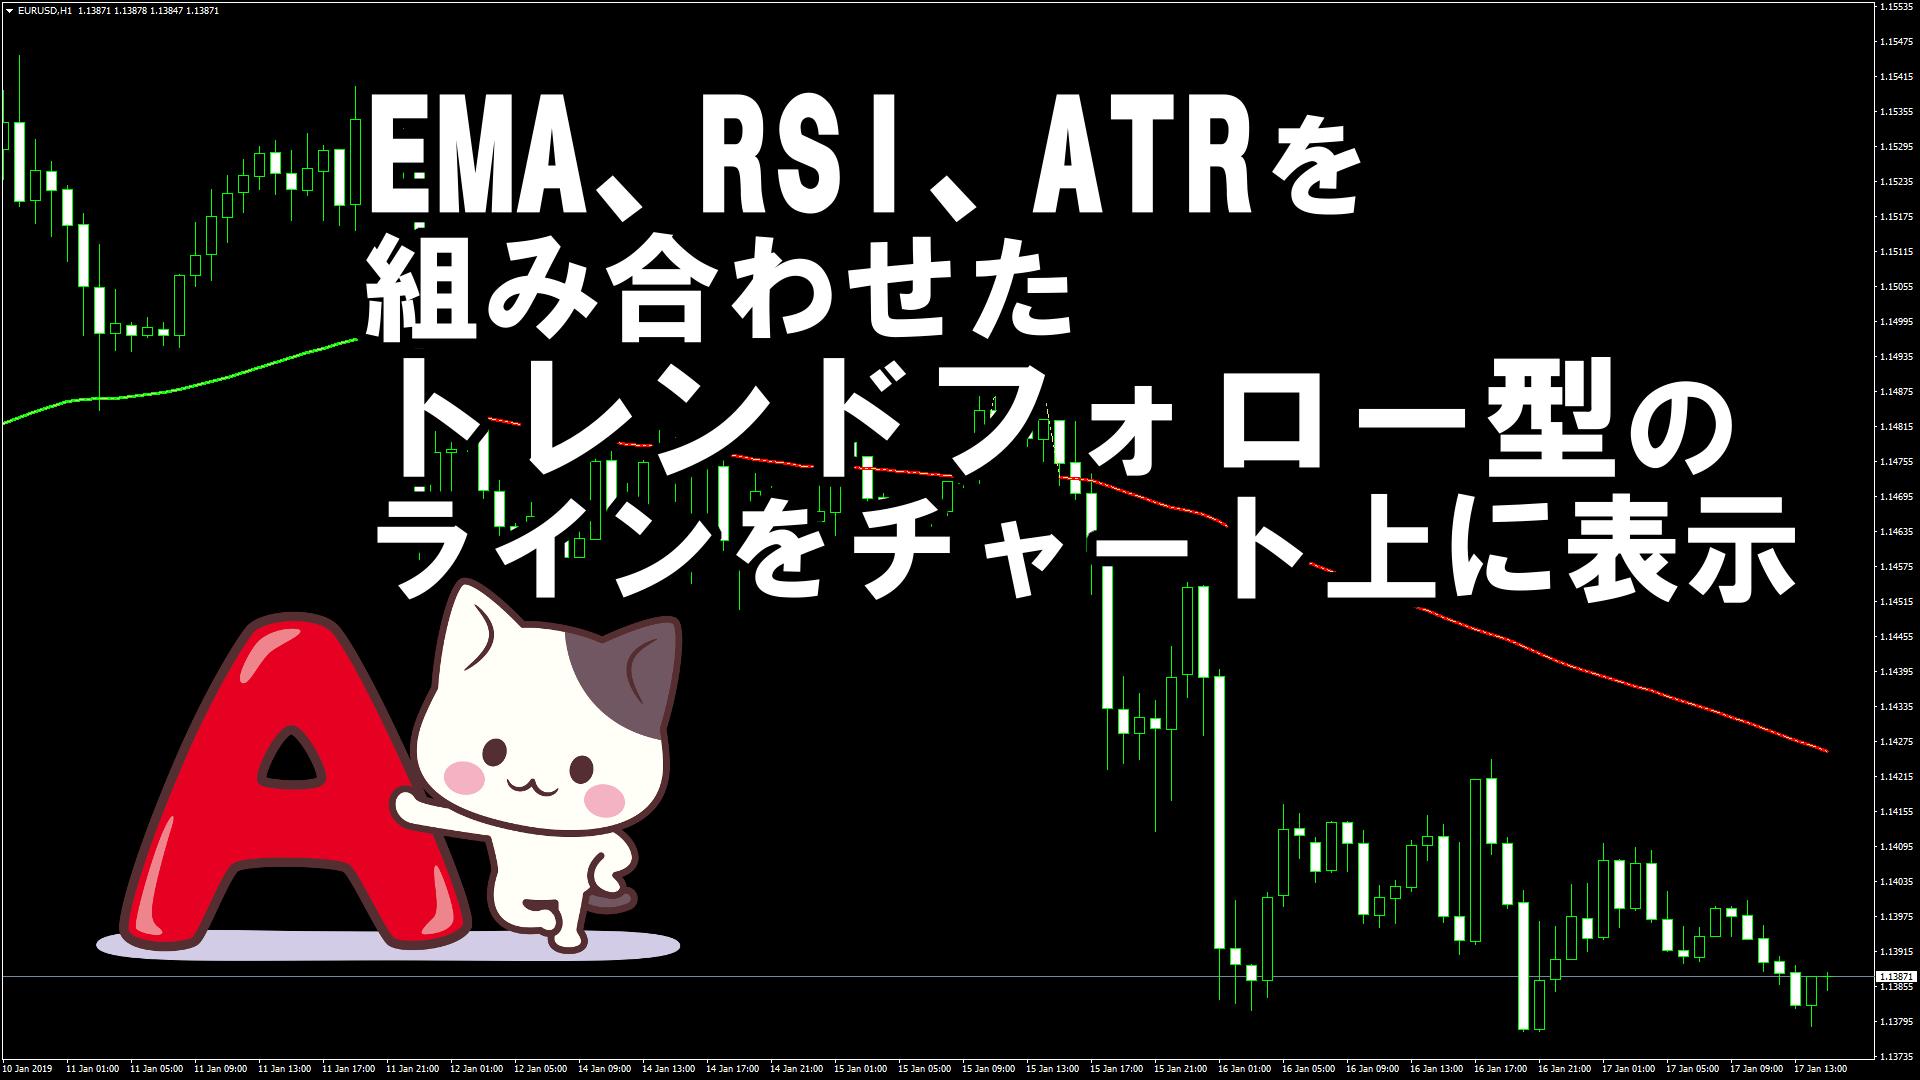 EMA、RSI、ATRを組み合わせたトレンドフォロー型のオシレーターをチャート上に表示するMT4インジケーター『Ahoora(chart)』